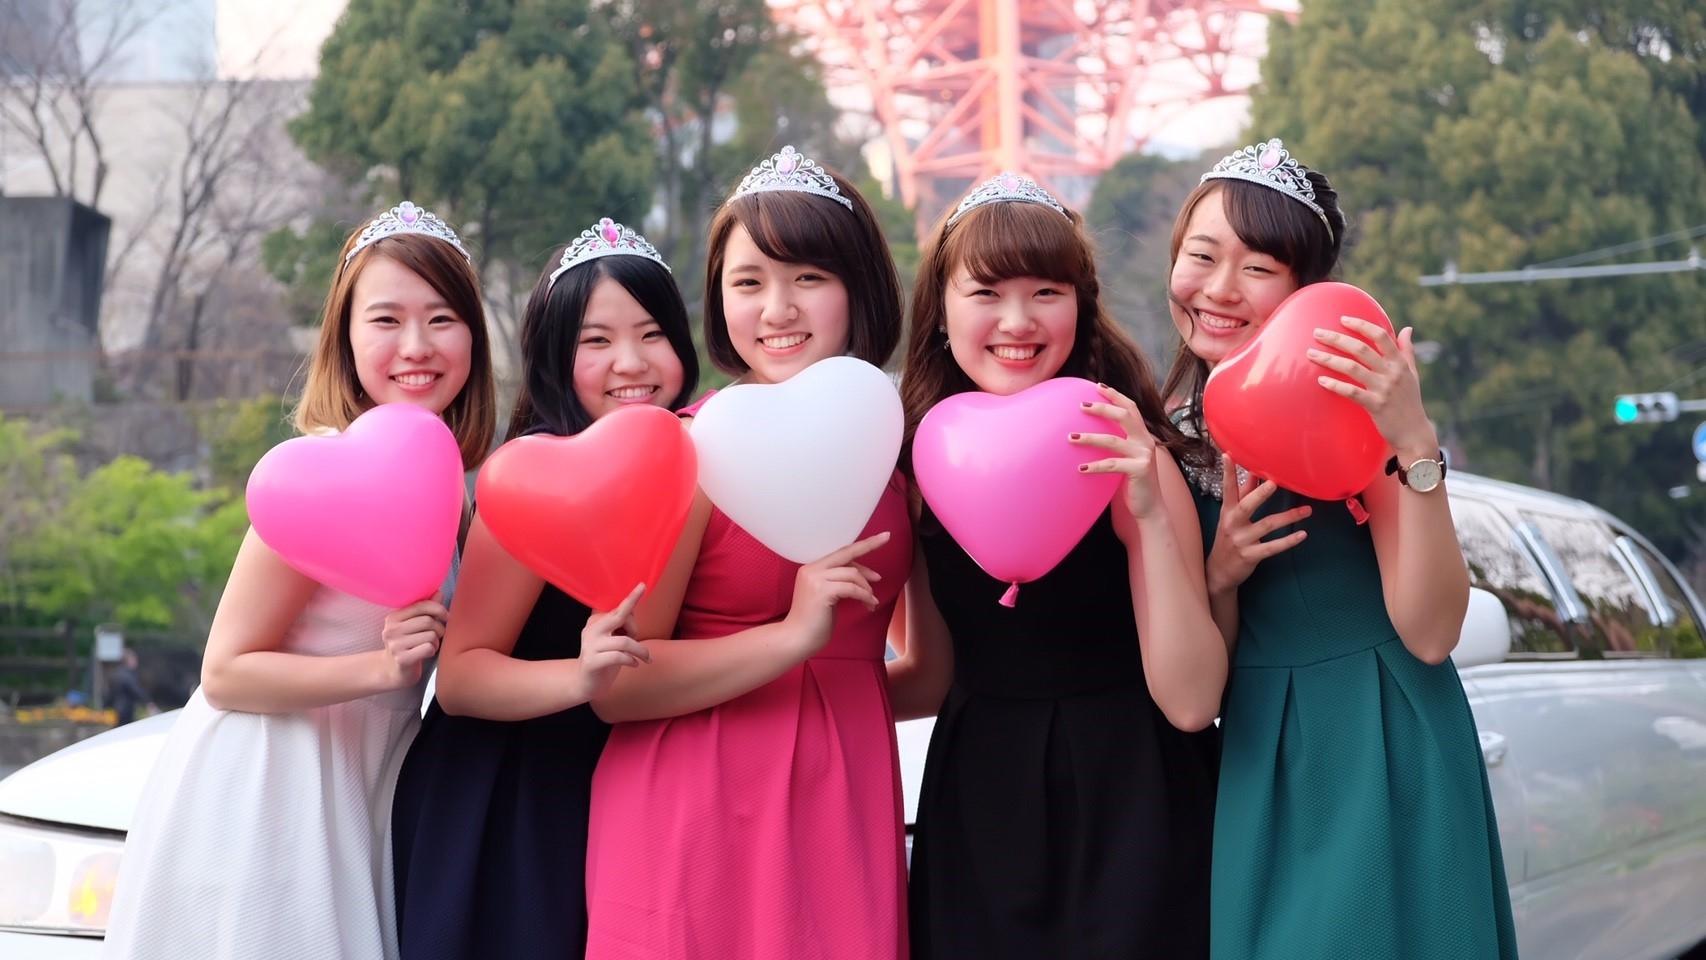 リムジンパーティー|撮影リムジン女子会が東京で格安で楽しめる